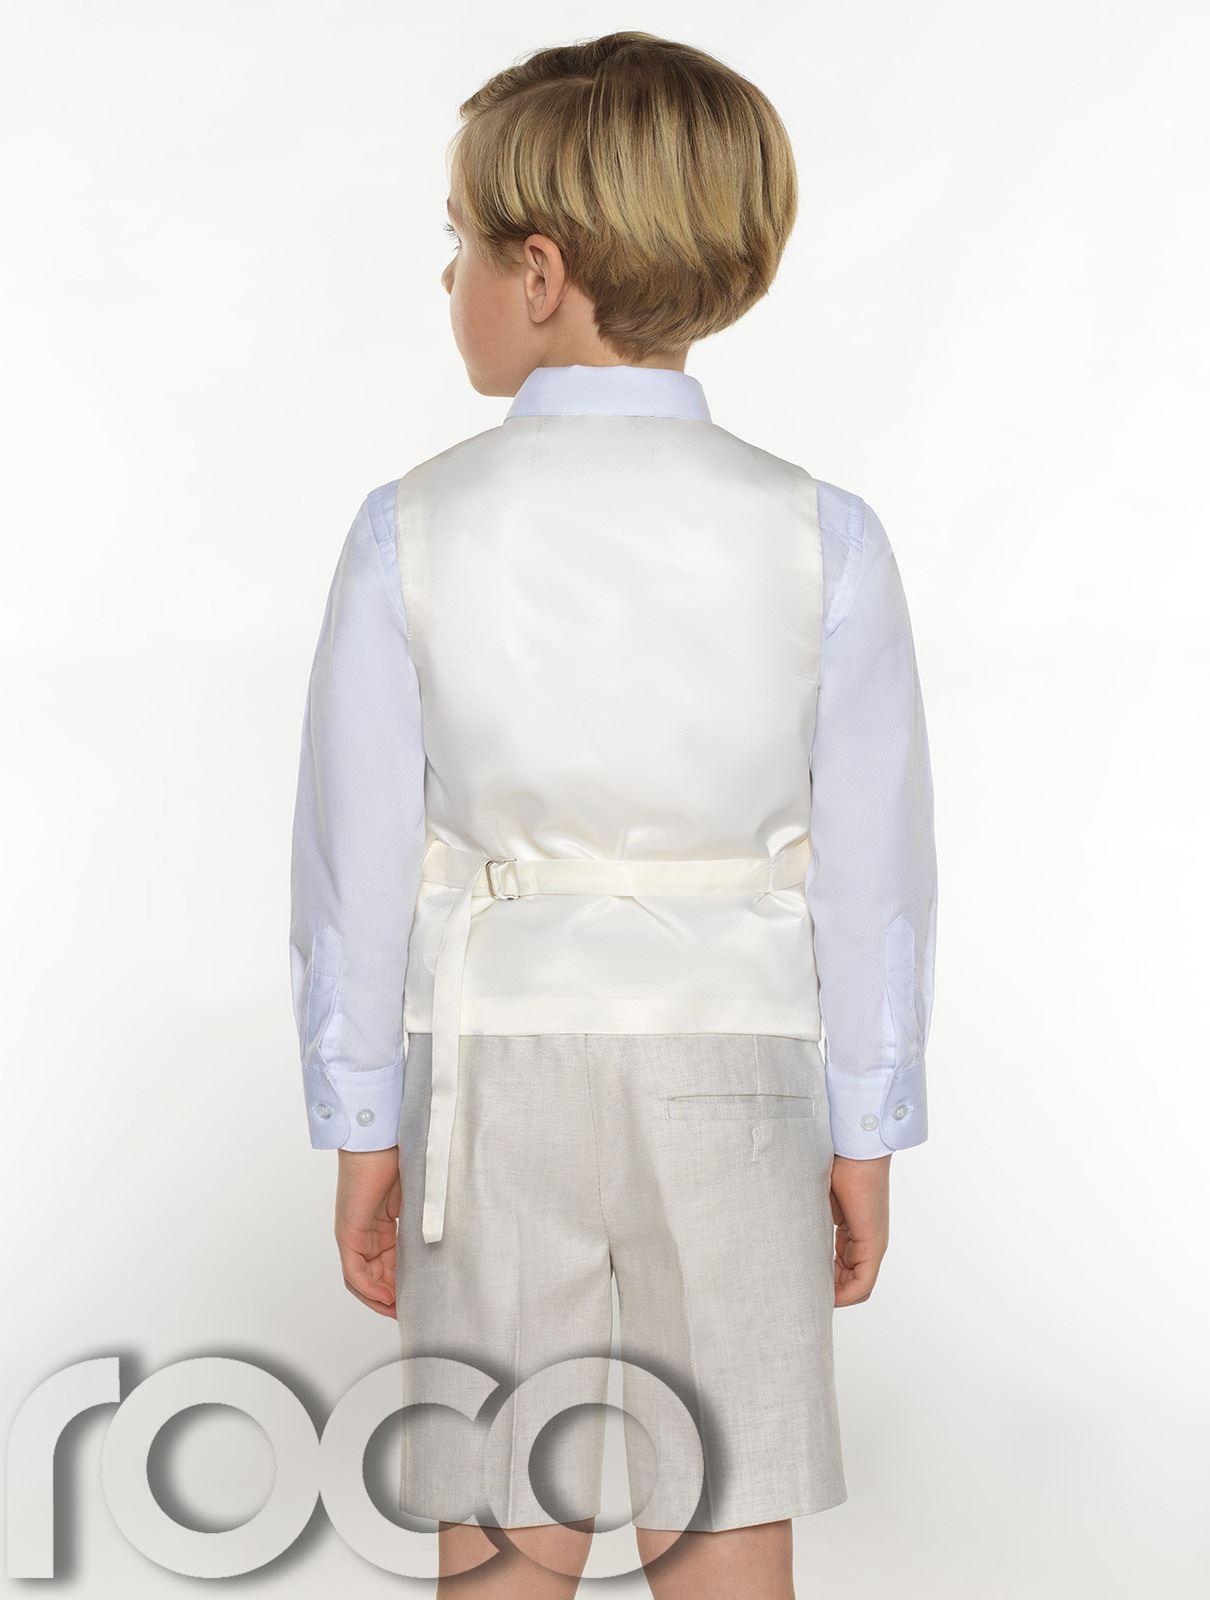 Boys-suits-boys-lin-costumes-page-garcon-tenues-garcons-formal-suits-avec-short miniature 10